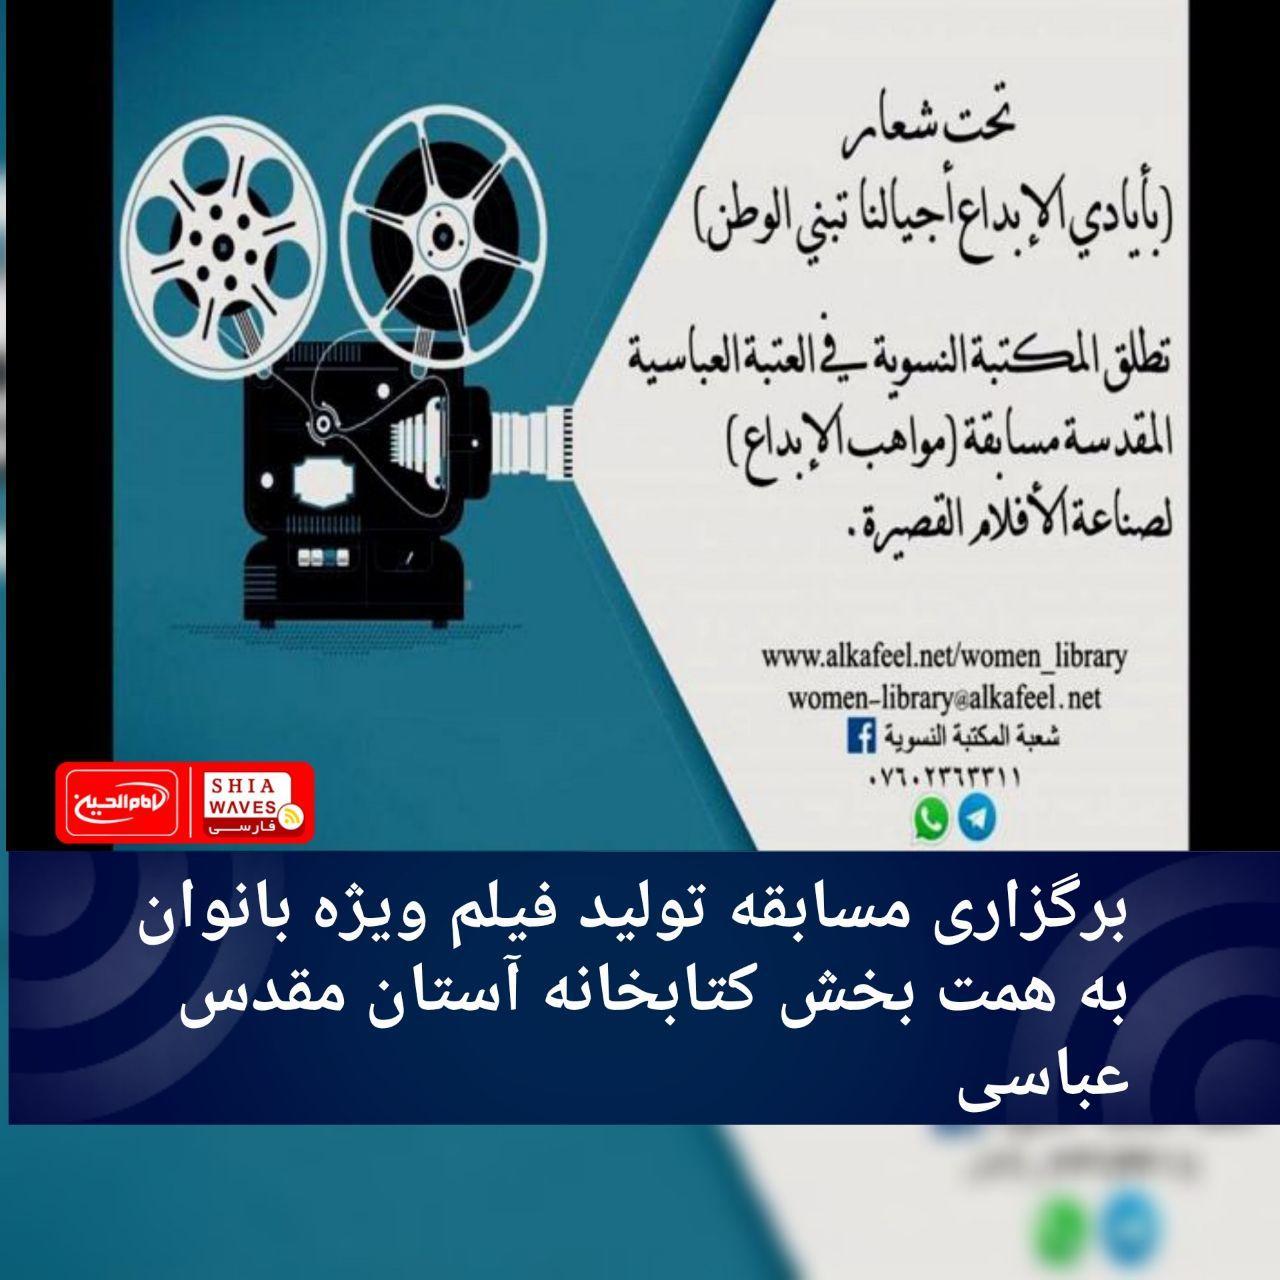 تصویر برگزاری مسابقه تولید فیلم ویژه بانوان به همت بخش کتابخانه آستان مقدس عباسی